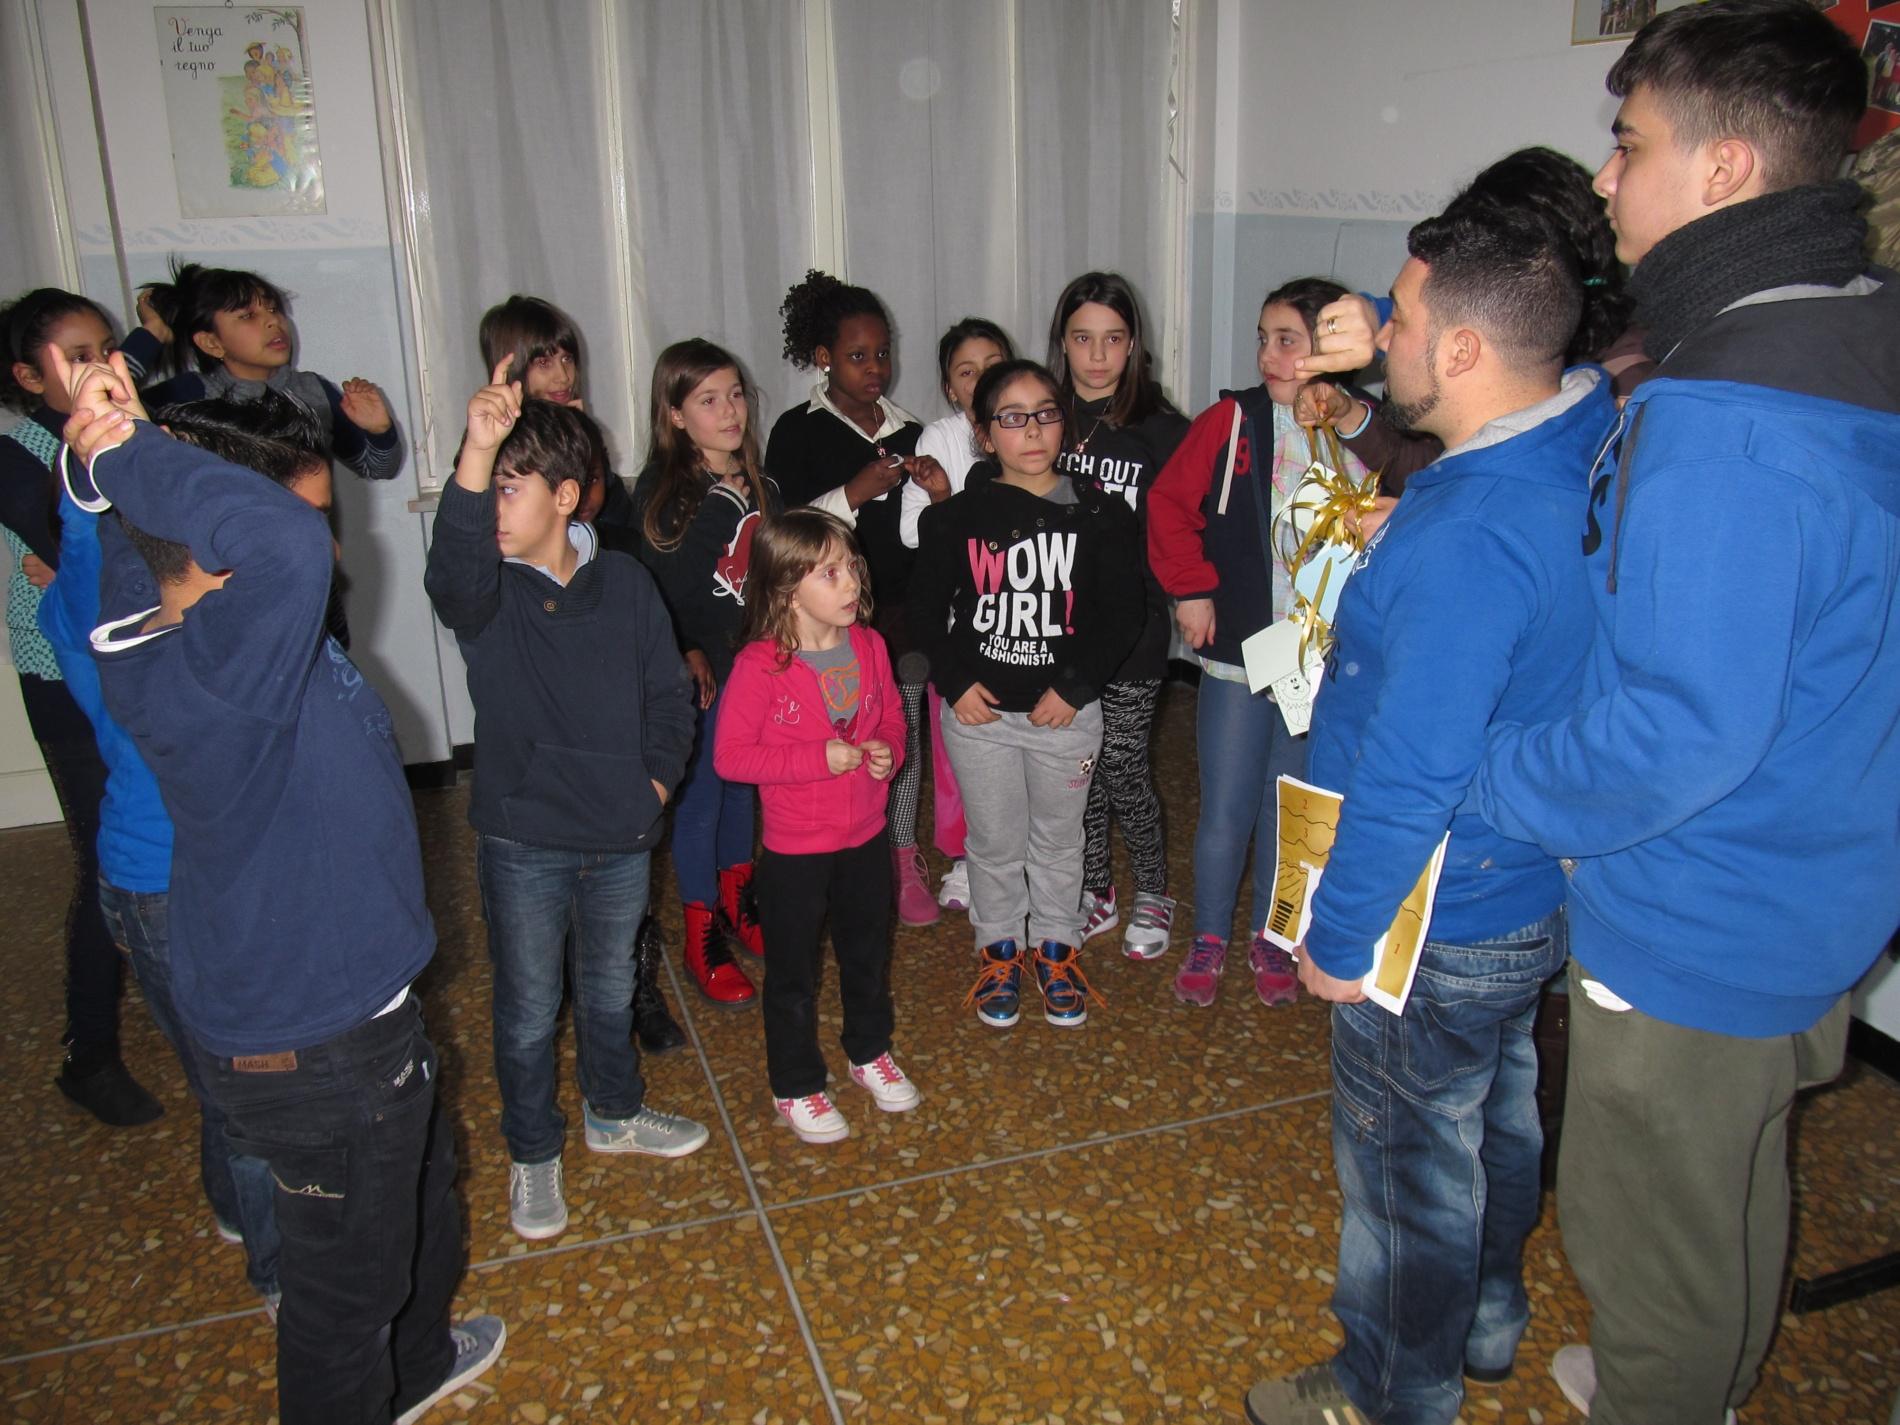 cena-famiglie-comunione-2015-02-07-20-36-41